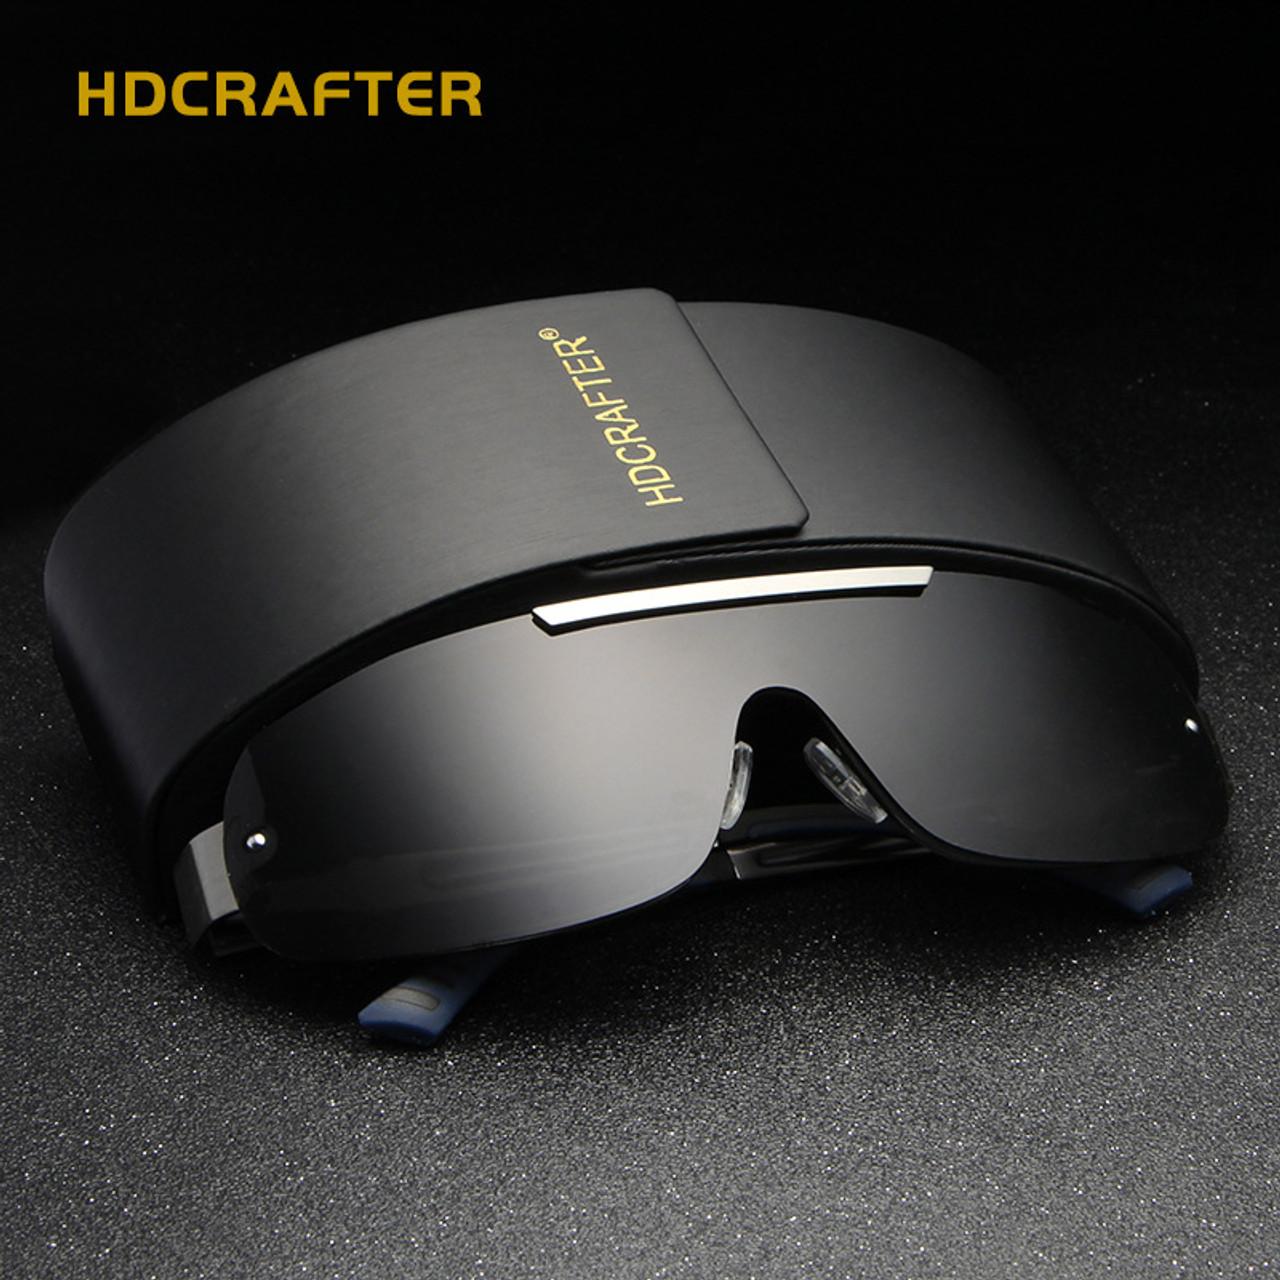 dc0e24c488c9f Polarized Sunglasses Men 2018 HDCRAFTER Vintage Sun Glasses Man Brand  Designer Lunettes De Soleil Pour Hommes ...